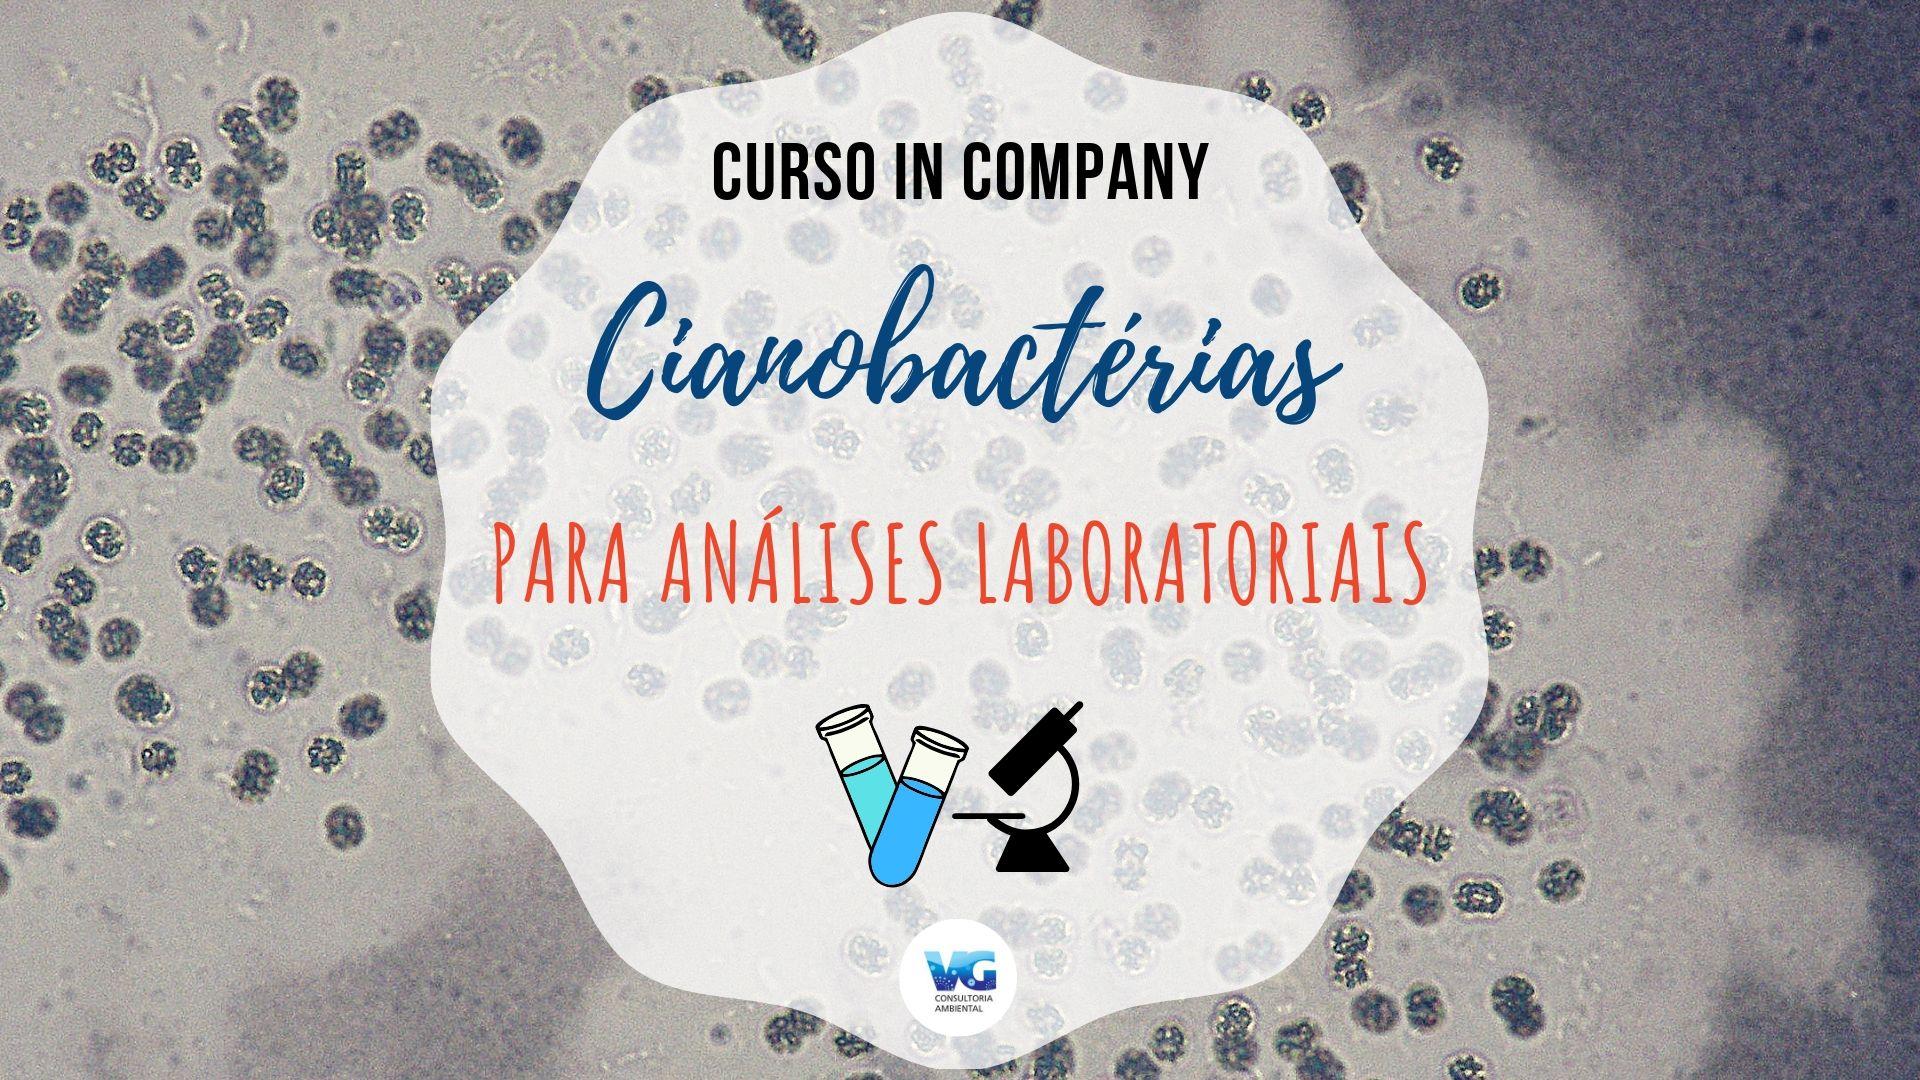 analises-laboratoriais-ciano-incompany